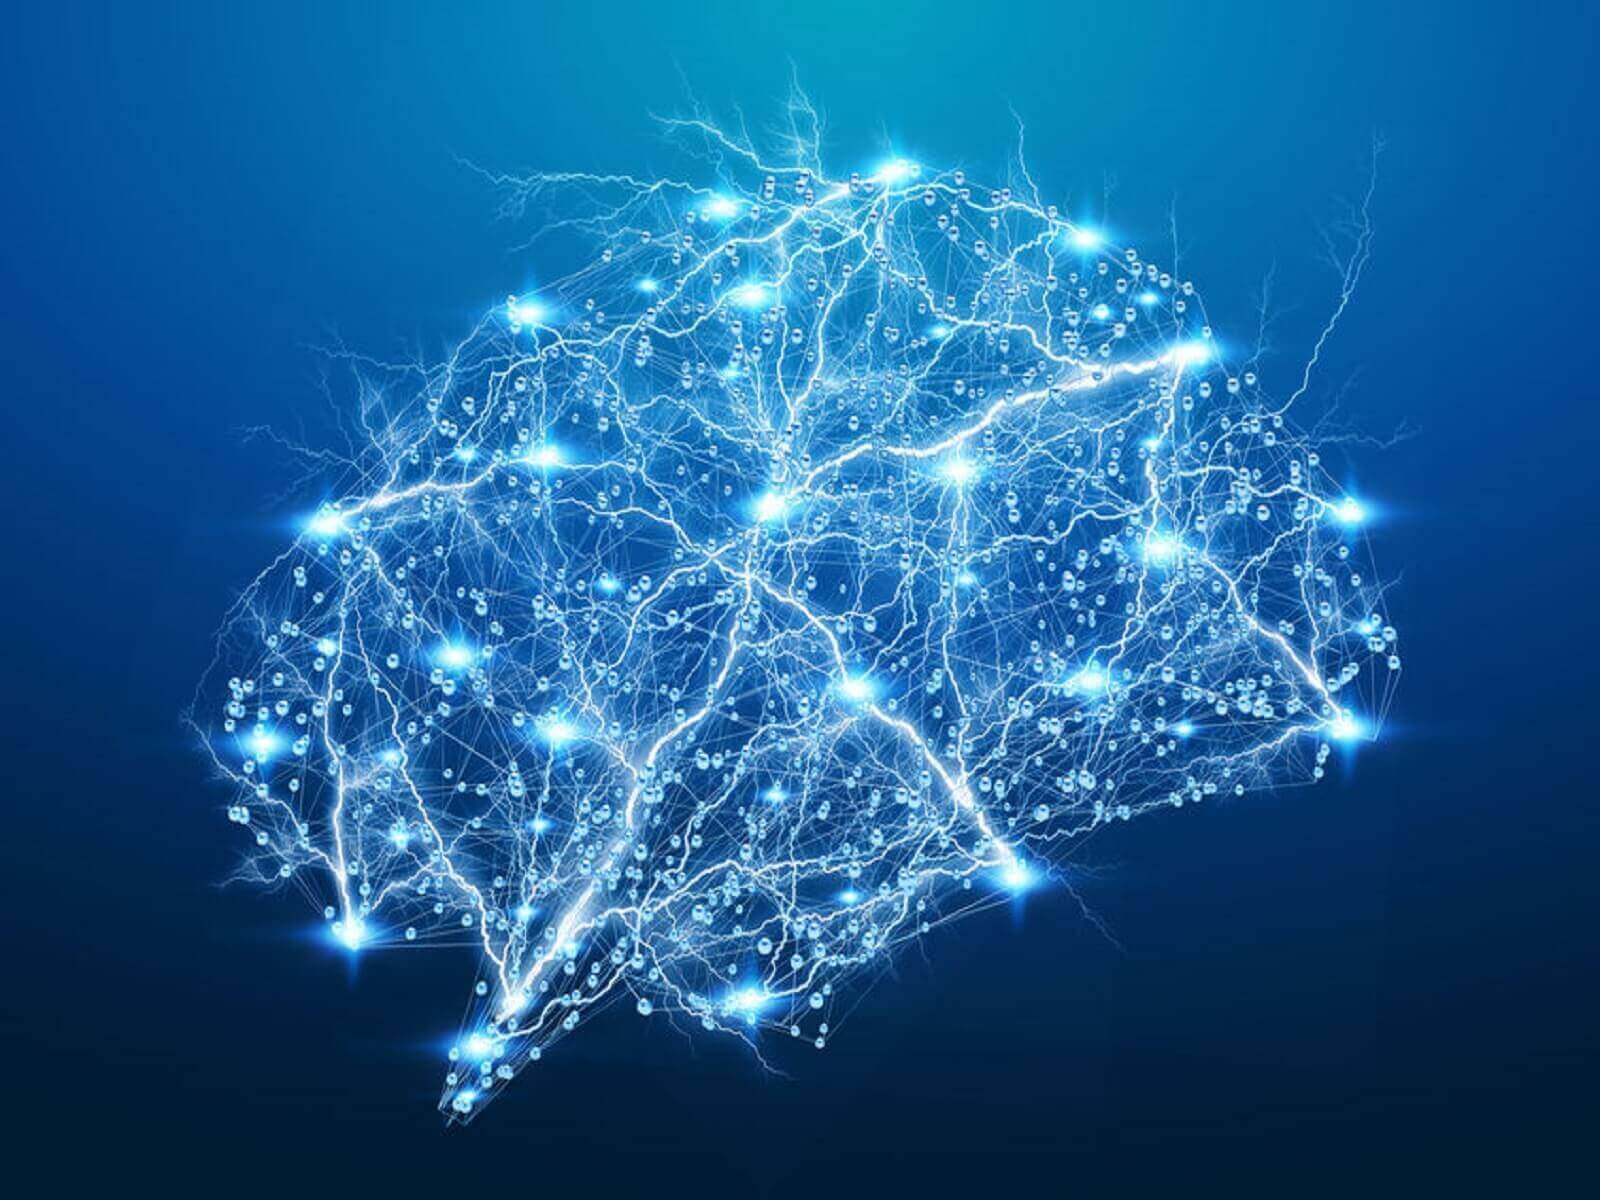 O que são as impressões digitais do cérebro?